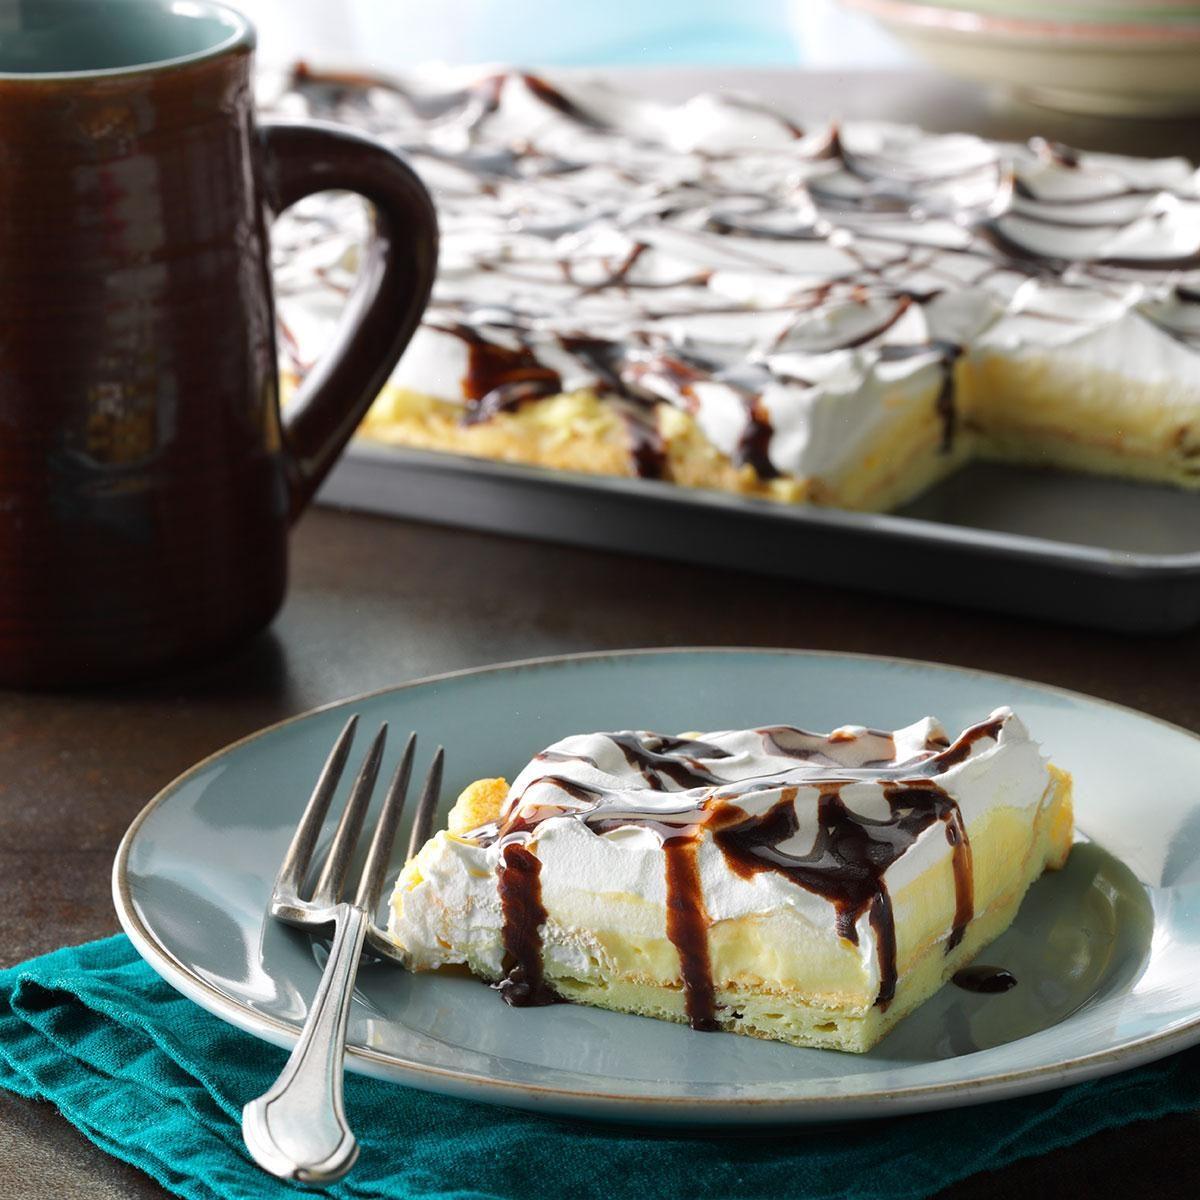 Vanilla Cream Puff Dessert Recipe